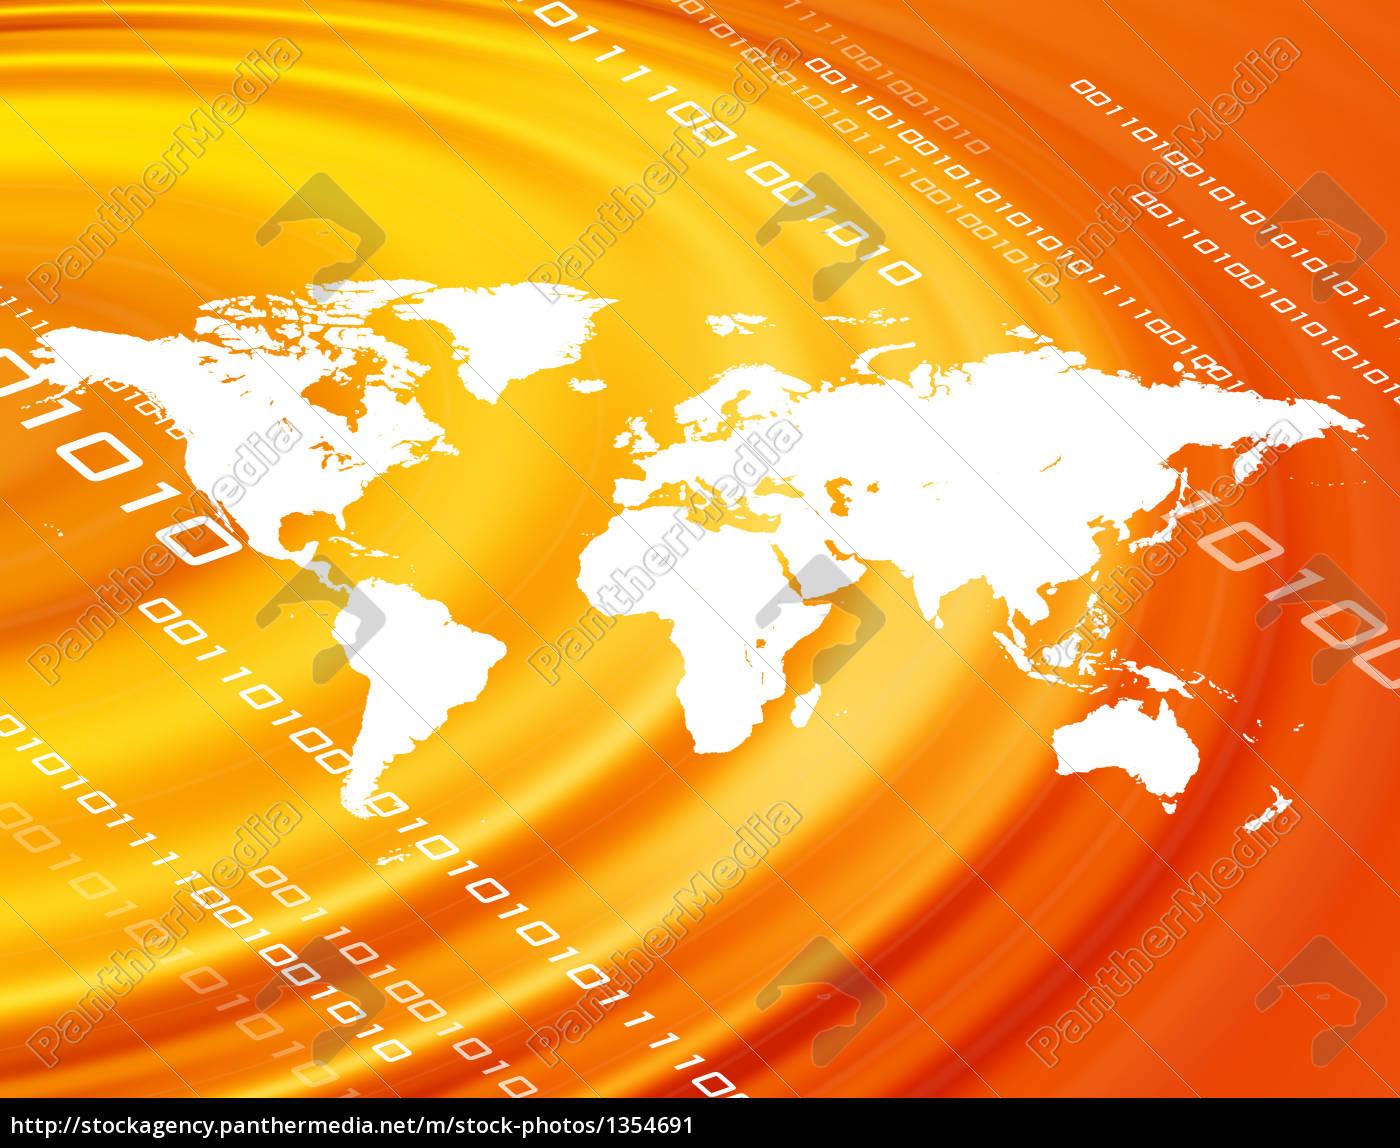 orange, world, map - 1354691